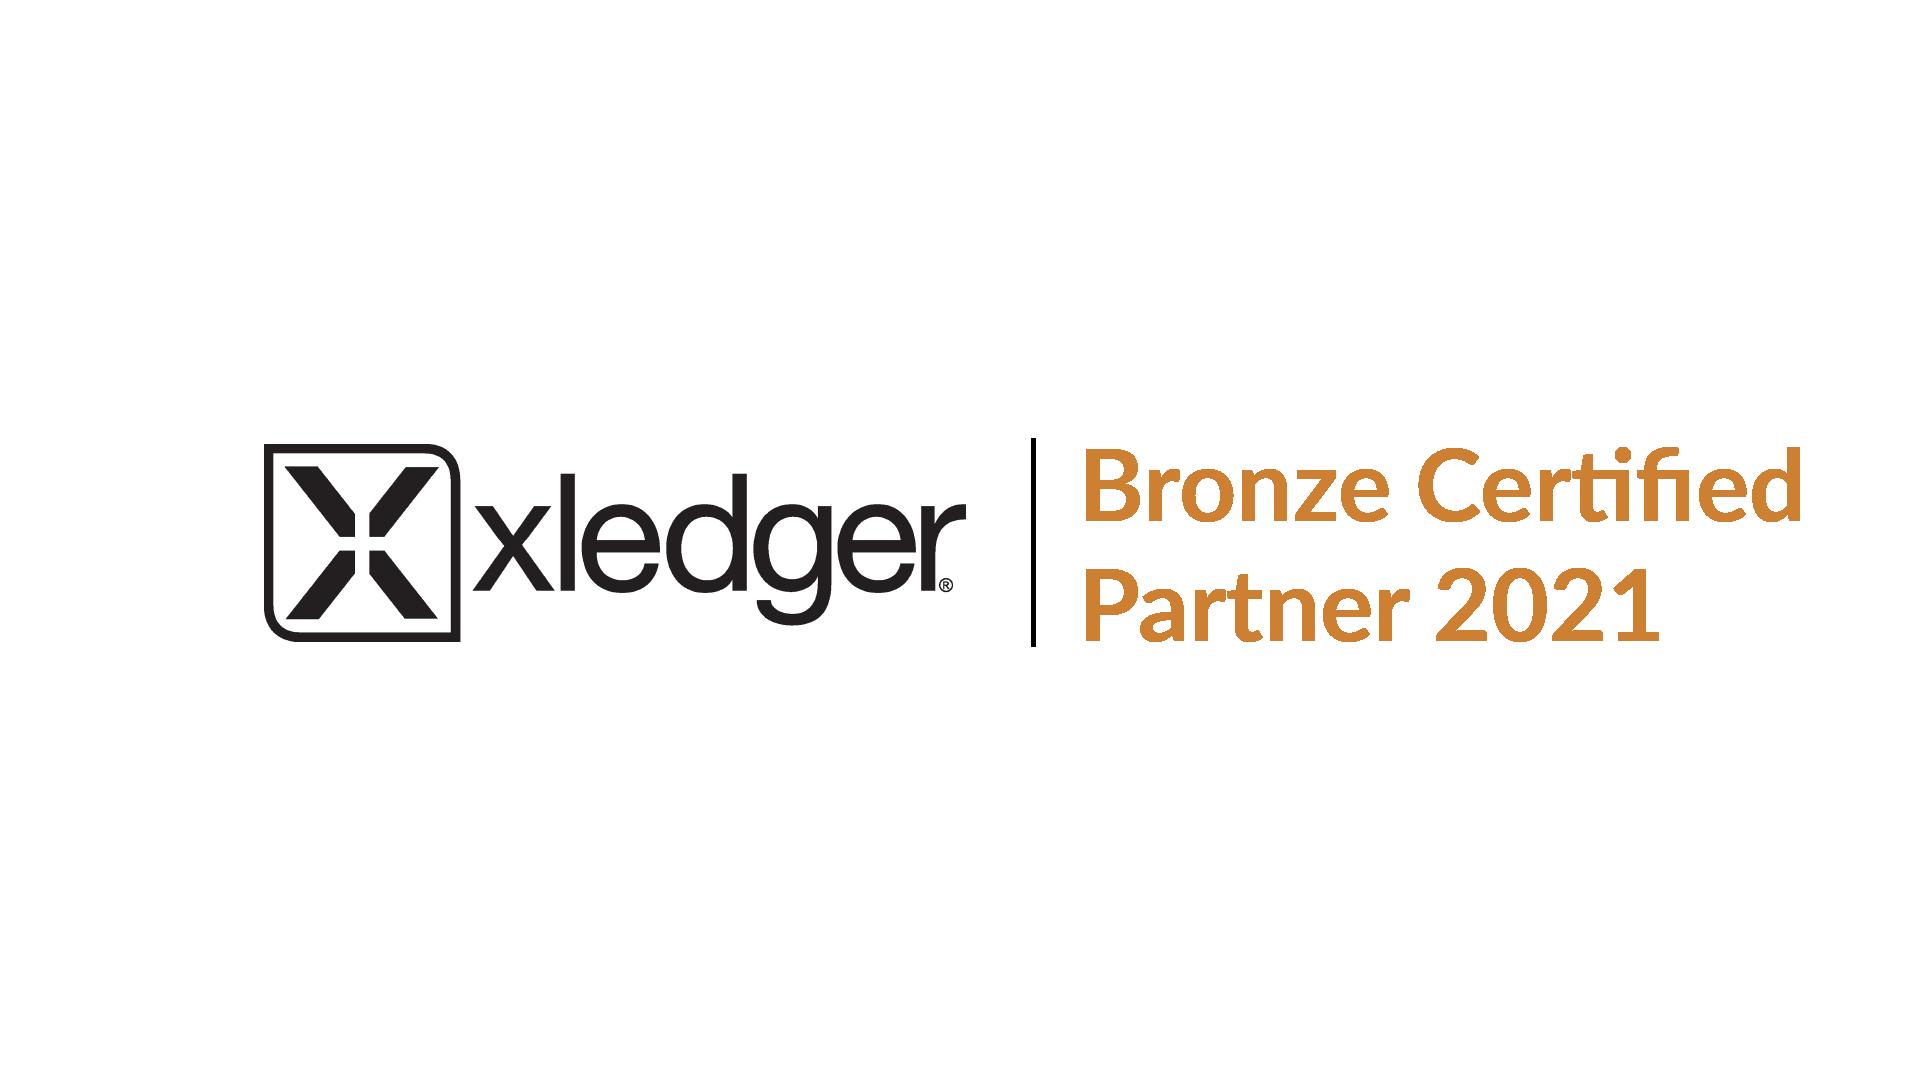 Xledger Bronze partner 2021 V6